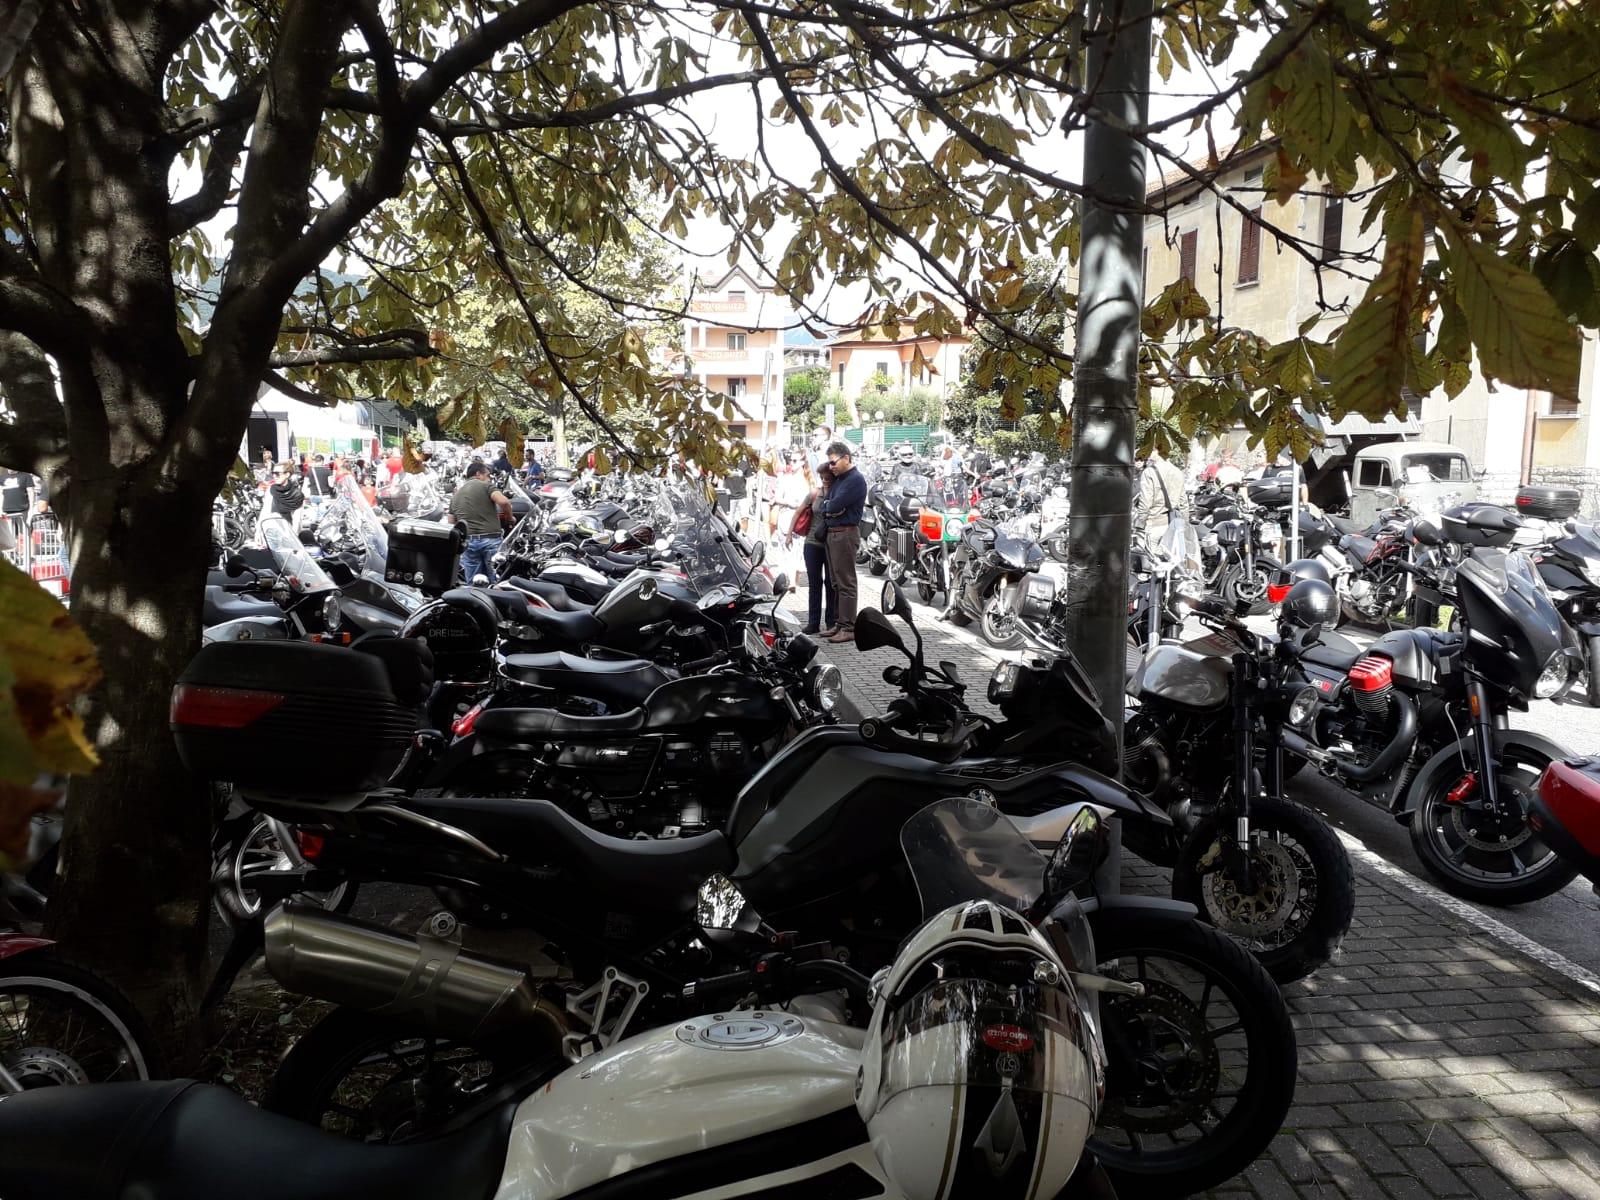 Moto Guzzi Raduno 2019 (7).jpeg